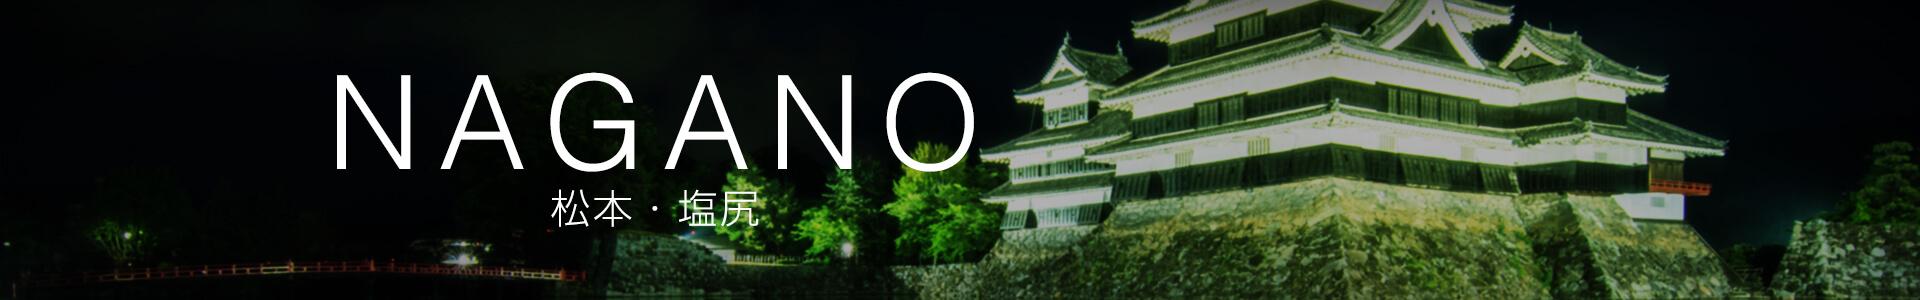 松本・塩尻